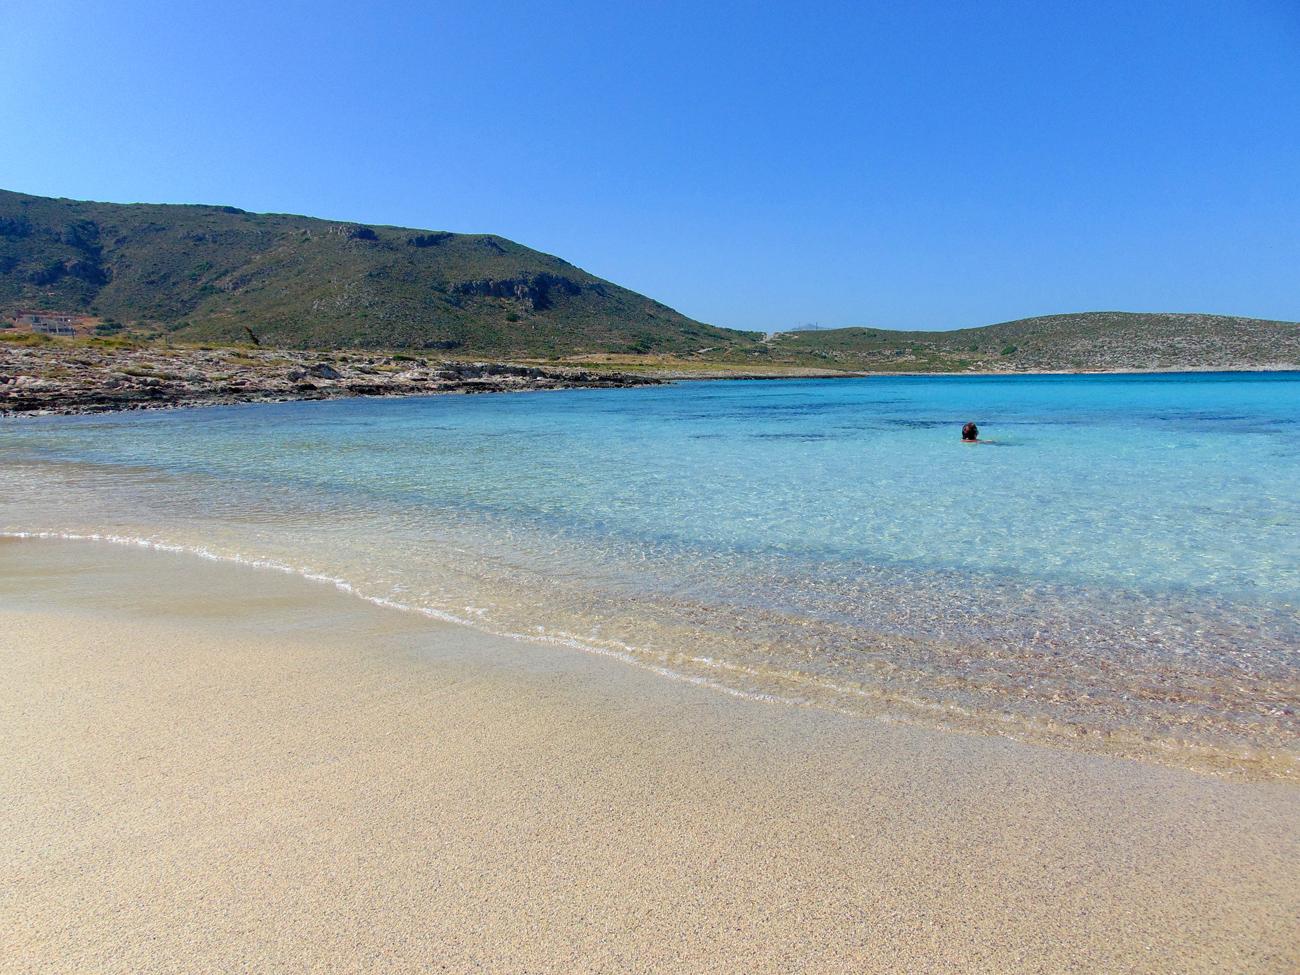 Bucht auf der Insel Elafonisos